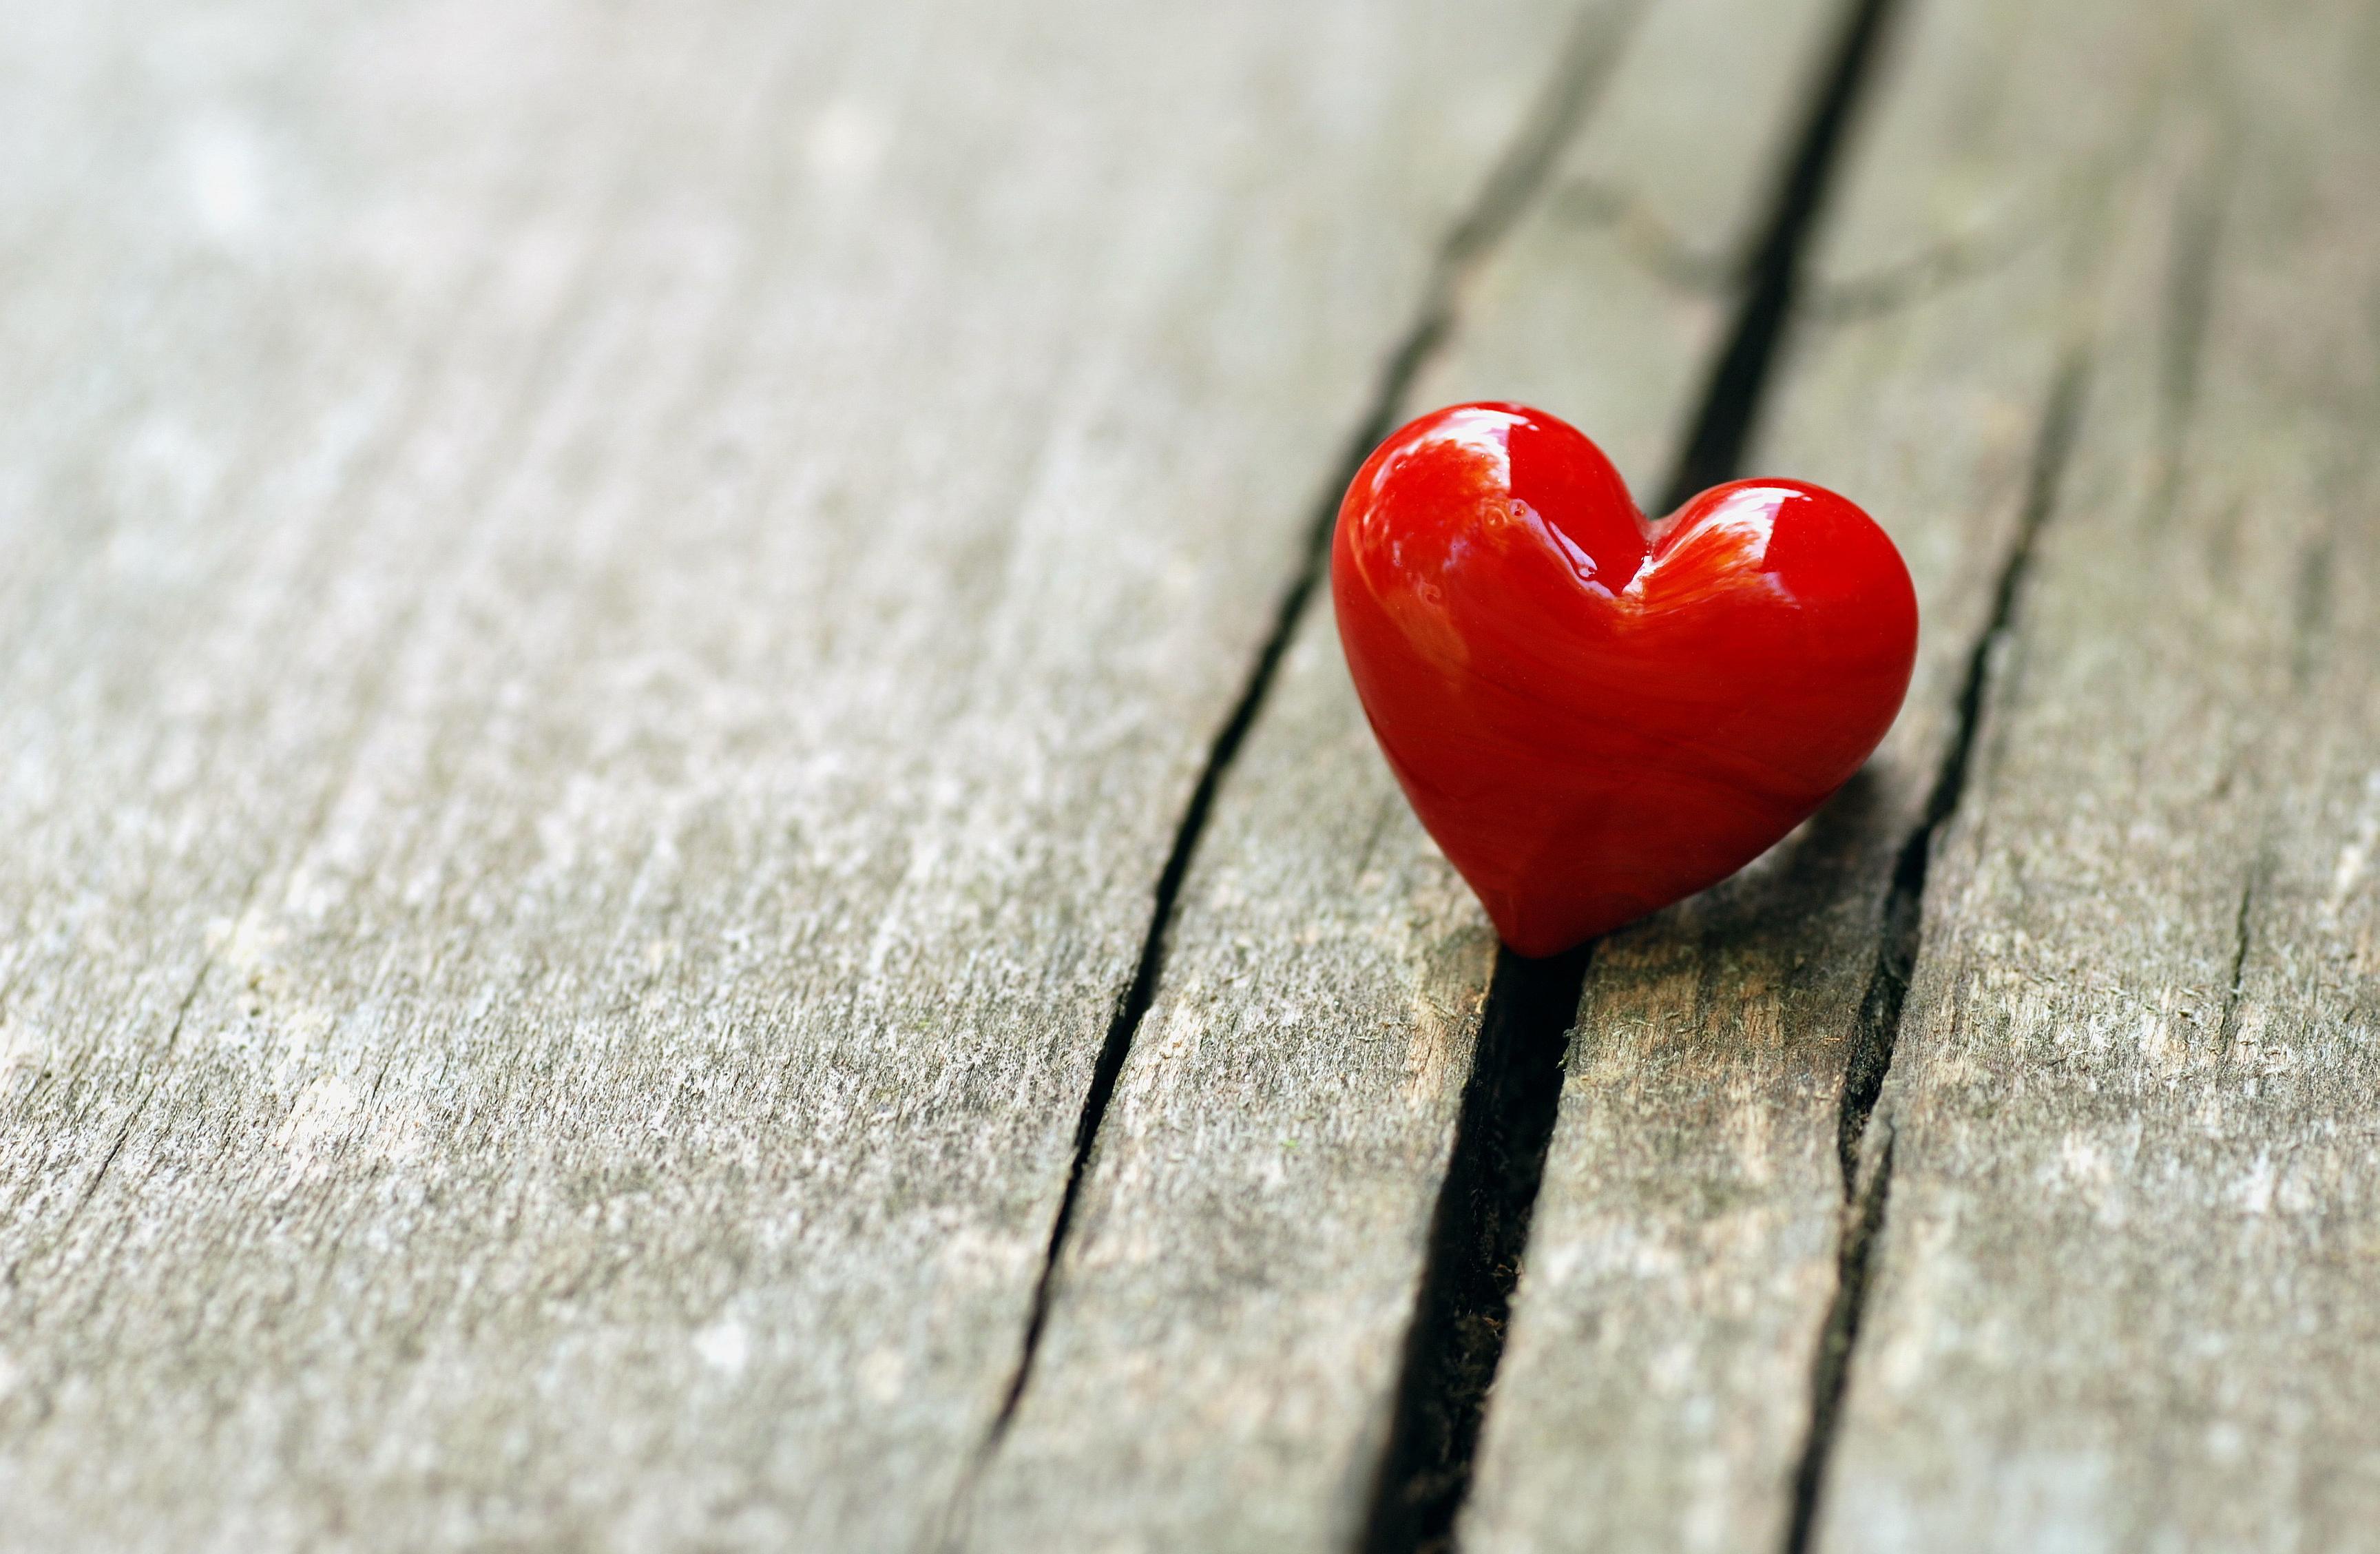 انجام این 8 کار درست به اندازه خیانت رابطه را در هم میکوبد